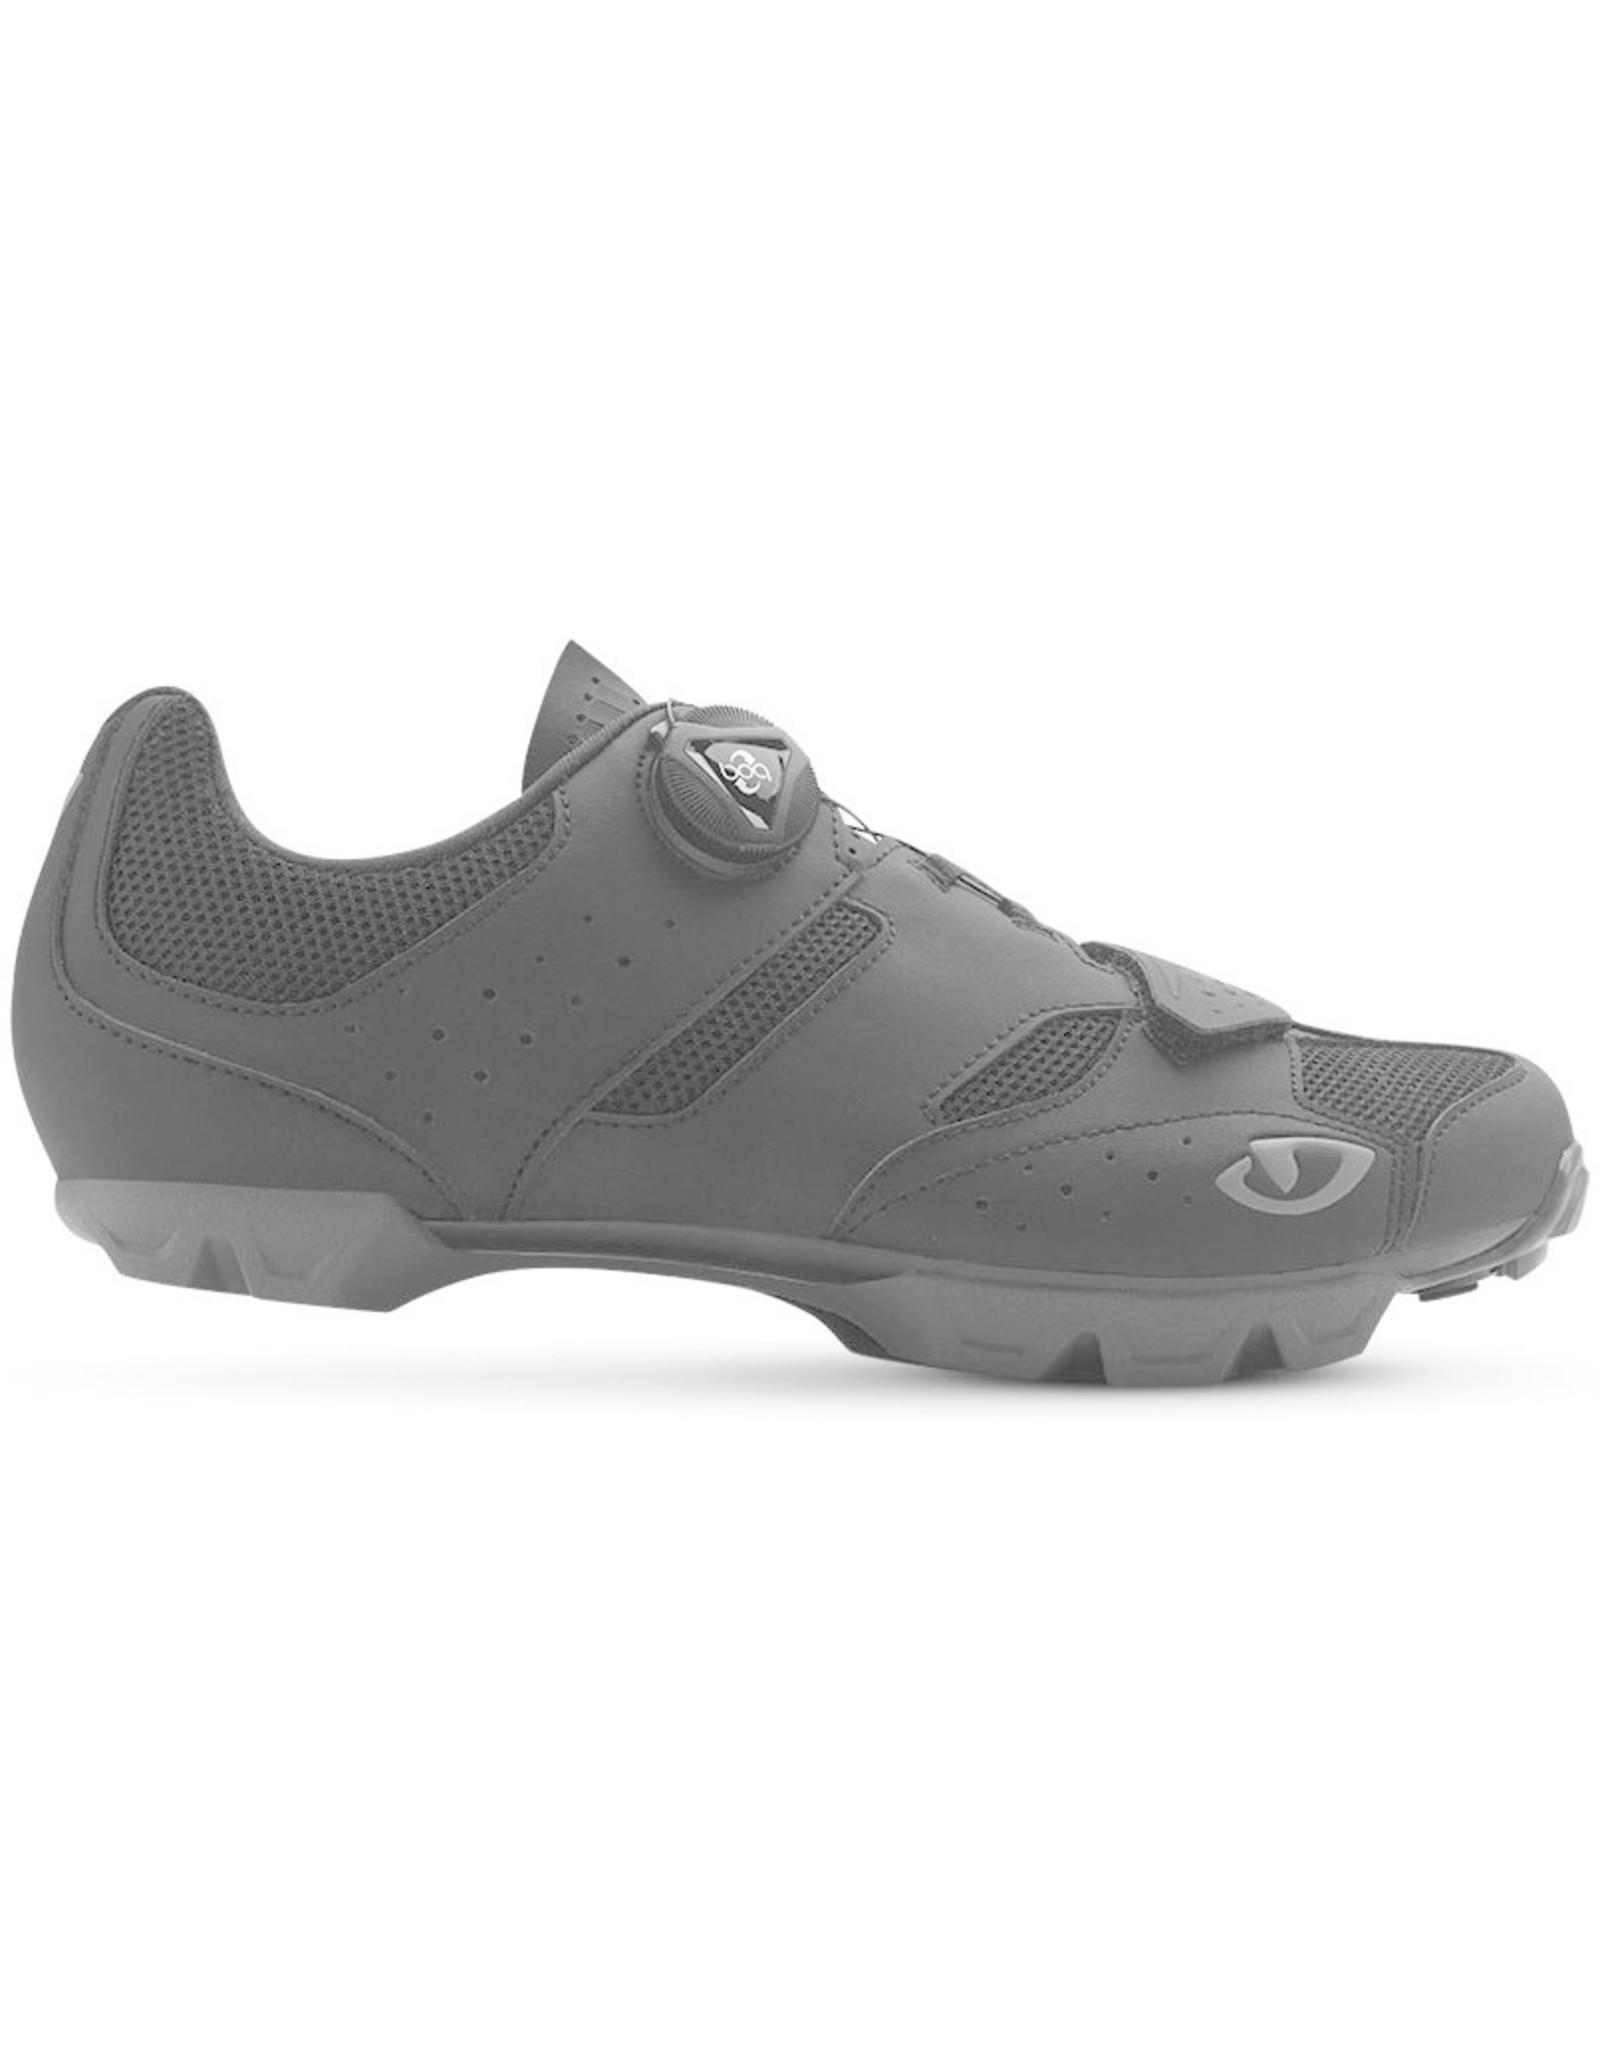 Giro Cylinder MTB Shoe